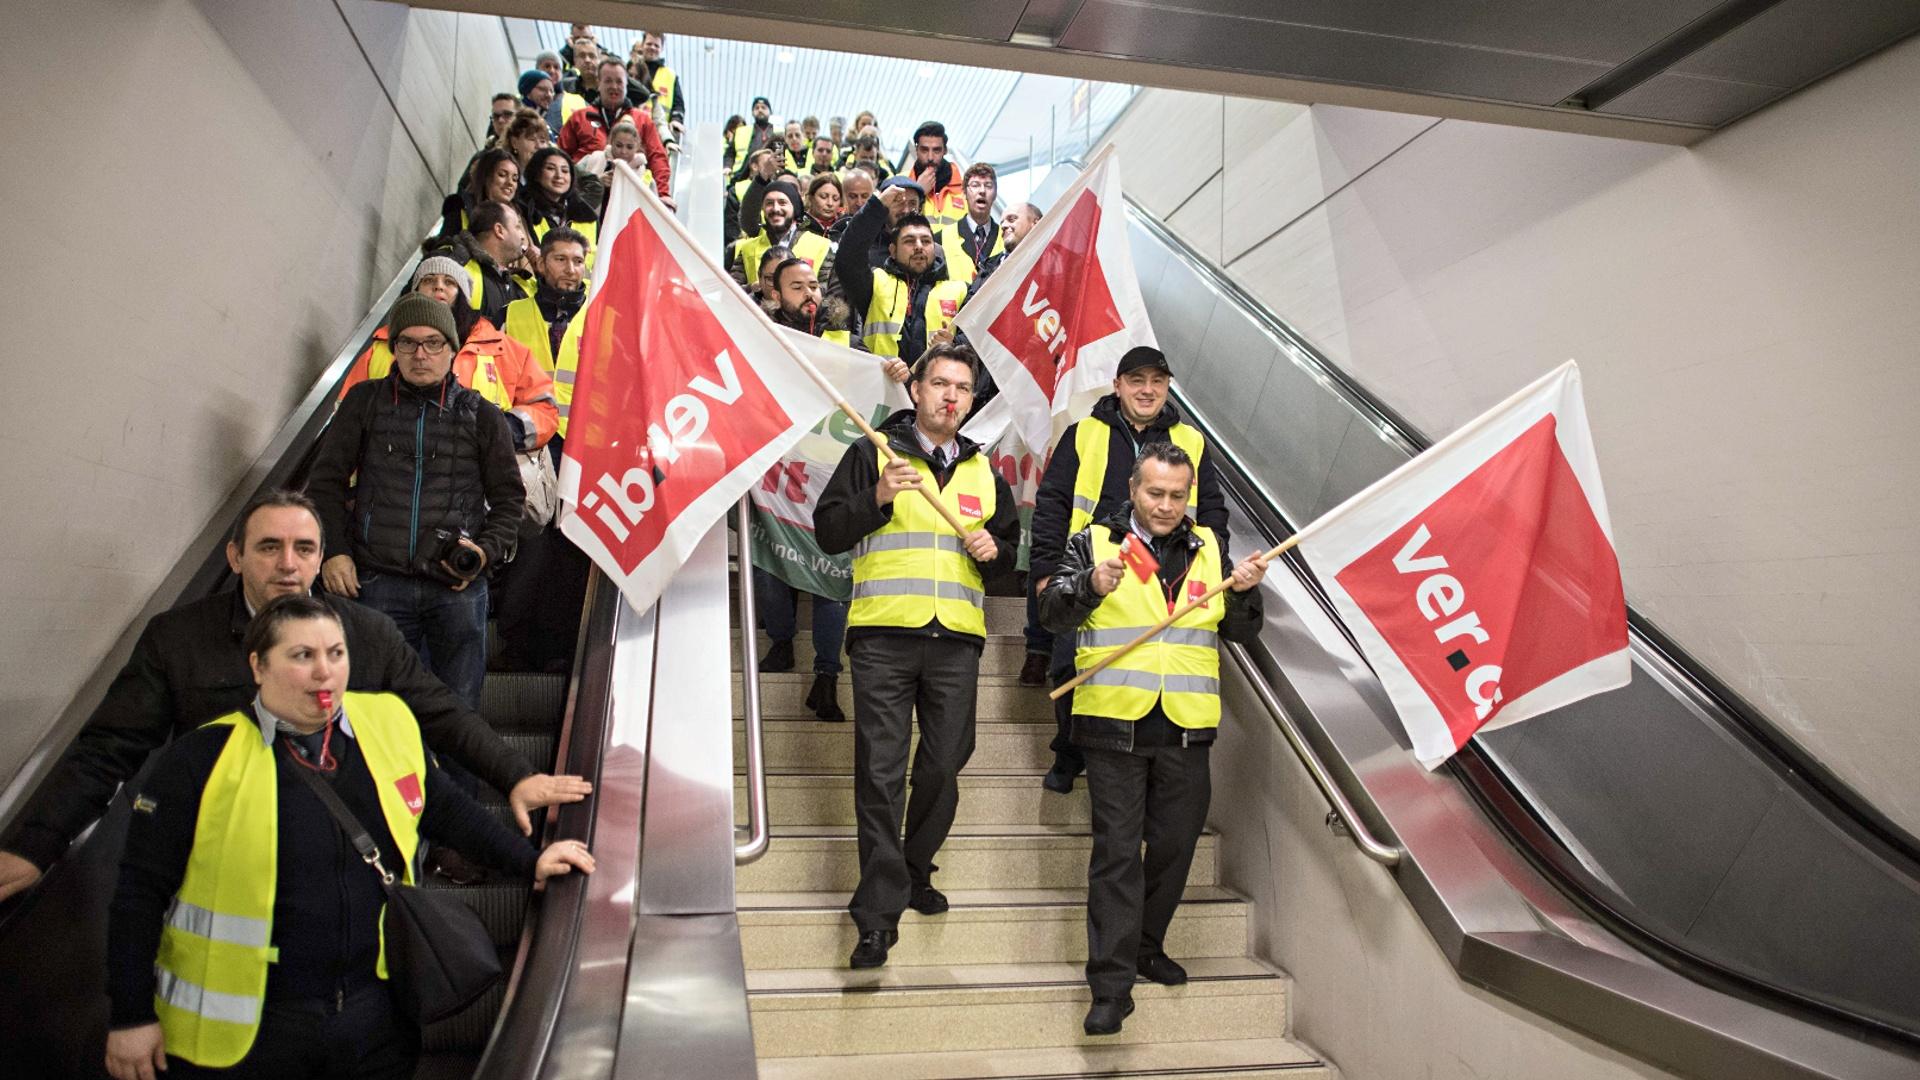 В аэропортах Германии из-за забастовки отменили 640 рейсов